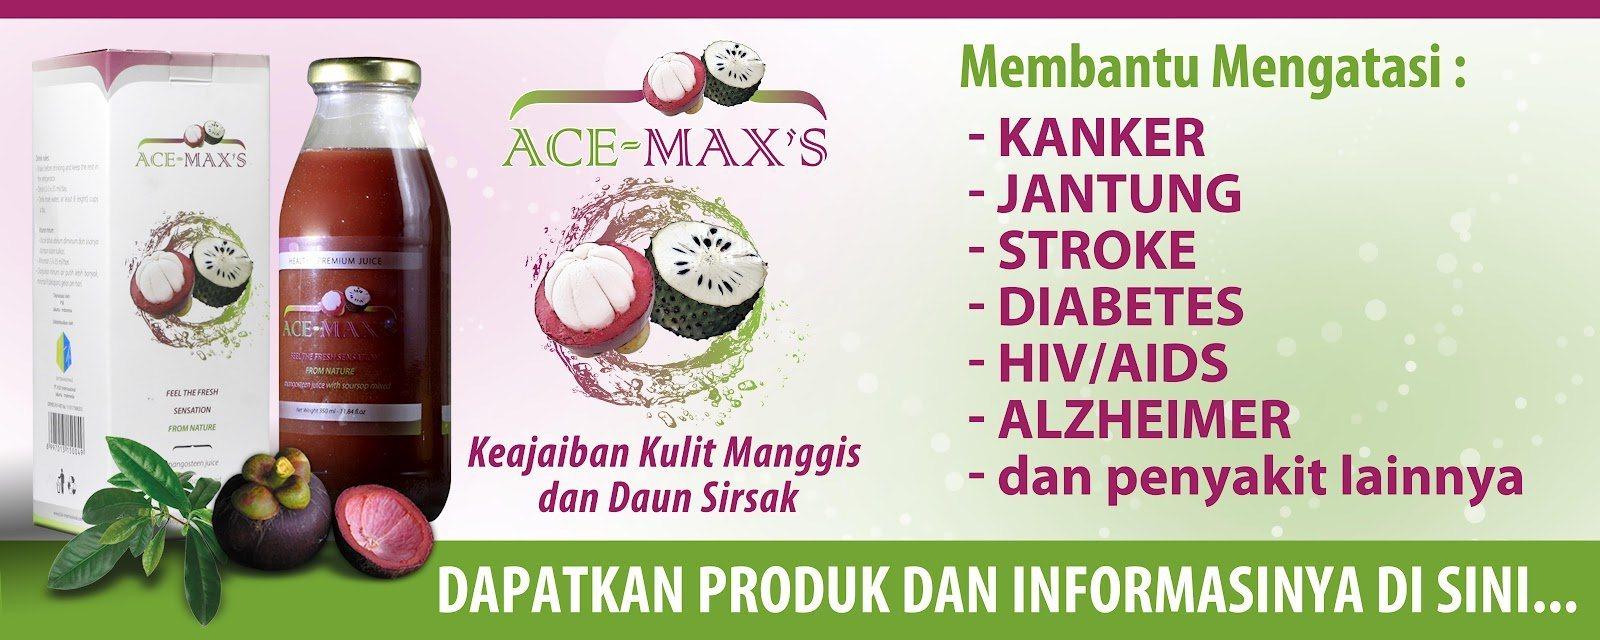 Buy Acemaxs Ekstrak Kulit Manggis Sirsak Deals For Only Rp145 000